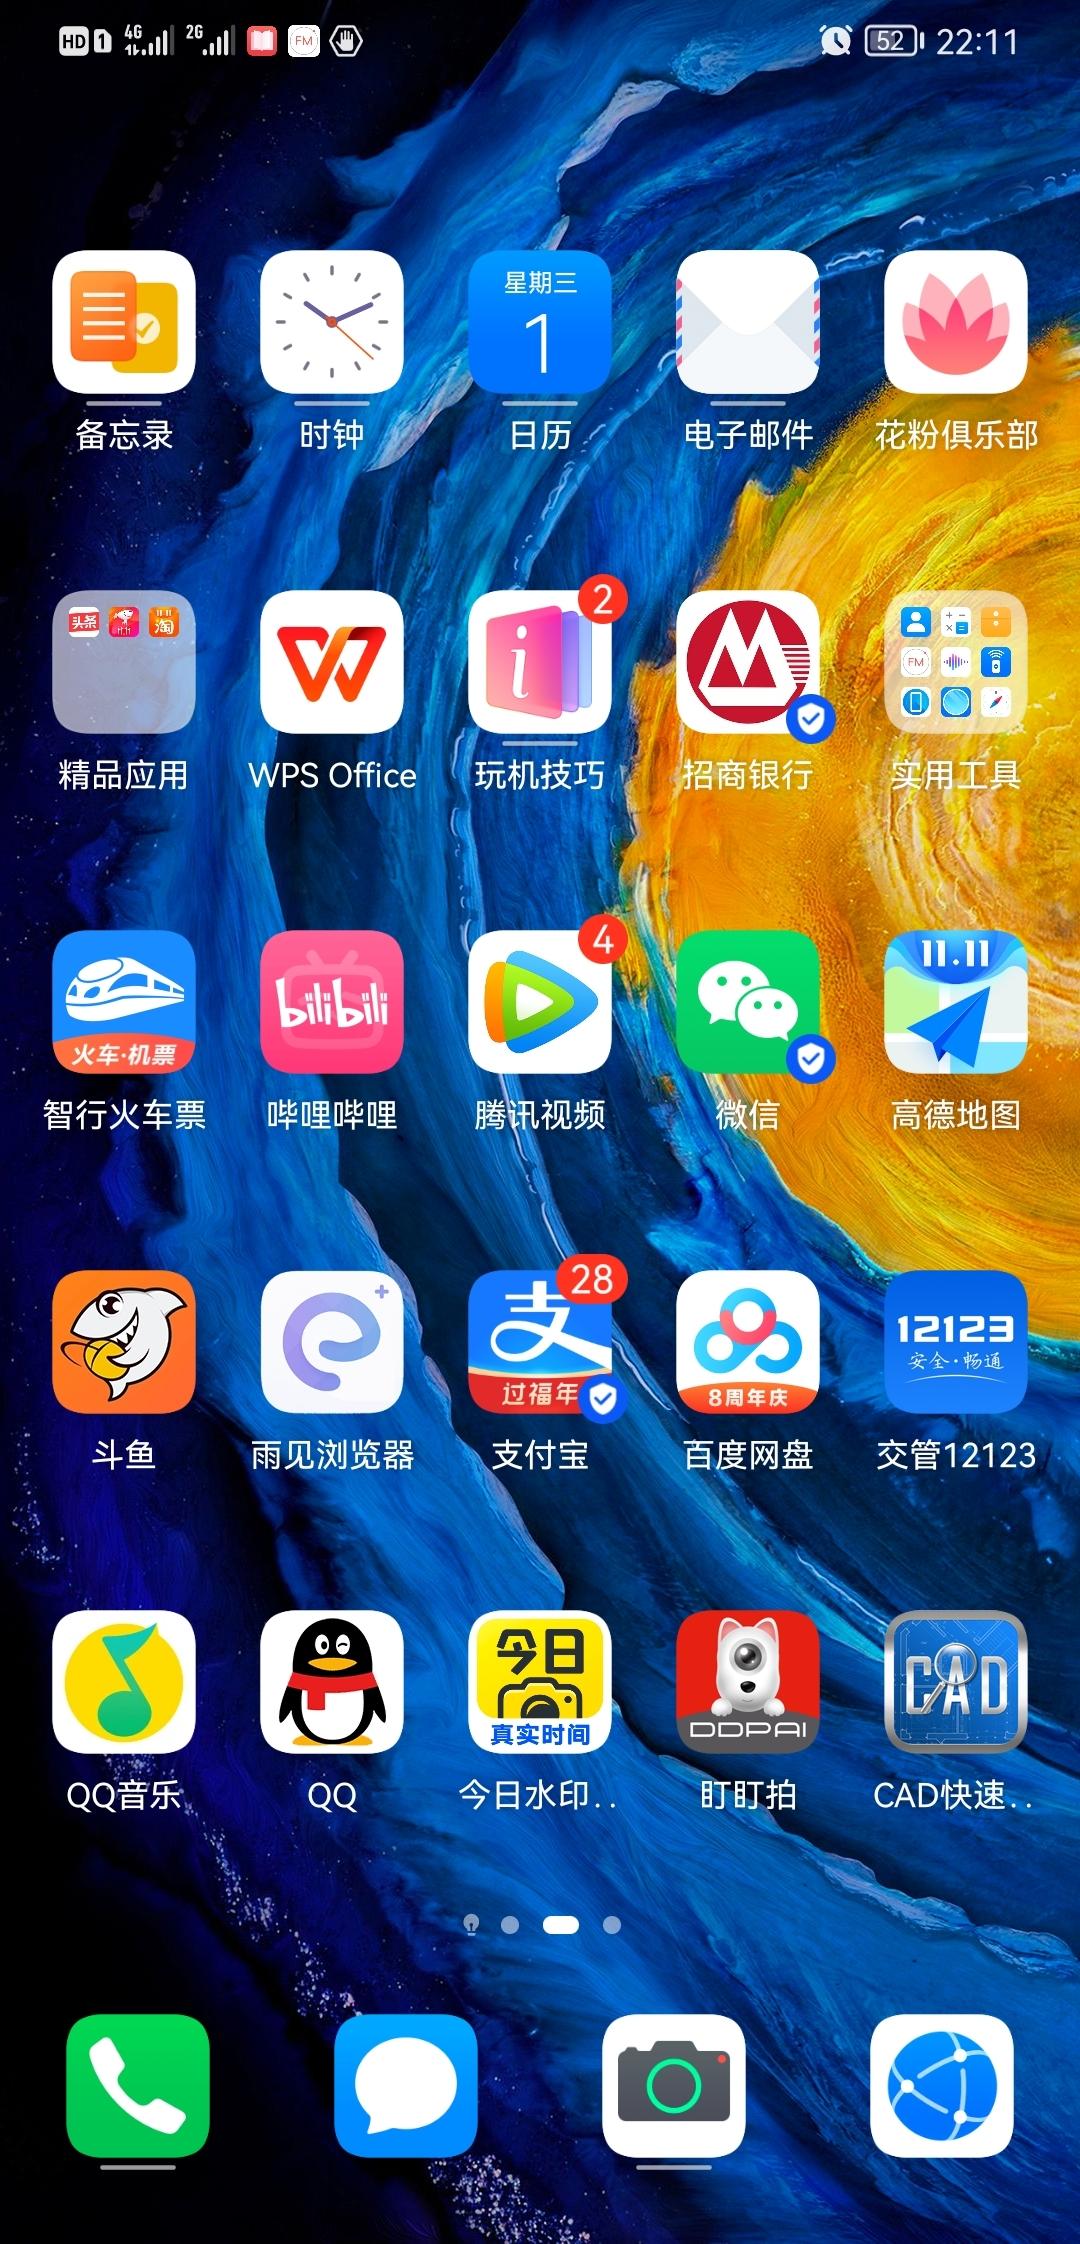 Screenshot_20210901_221122_com.huawei.android.launcher.jpg